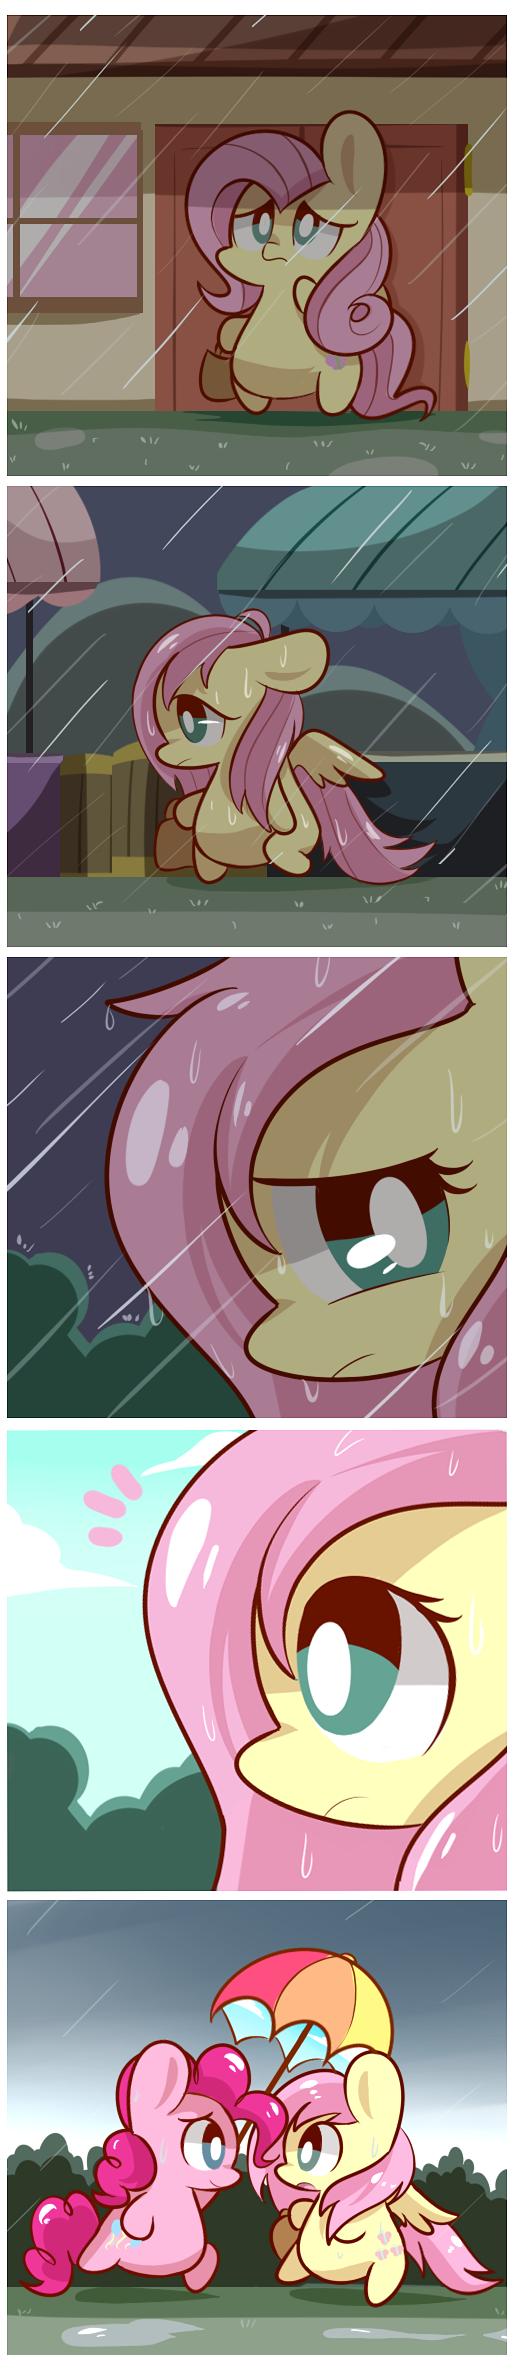 Rainy Day. http://lloserlife.deviantarm/art/Rainy-D ay-399562409.. Cuteness overload!